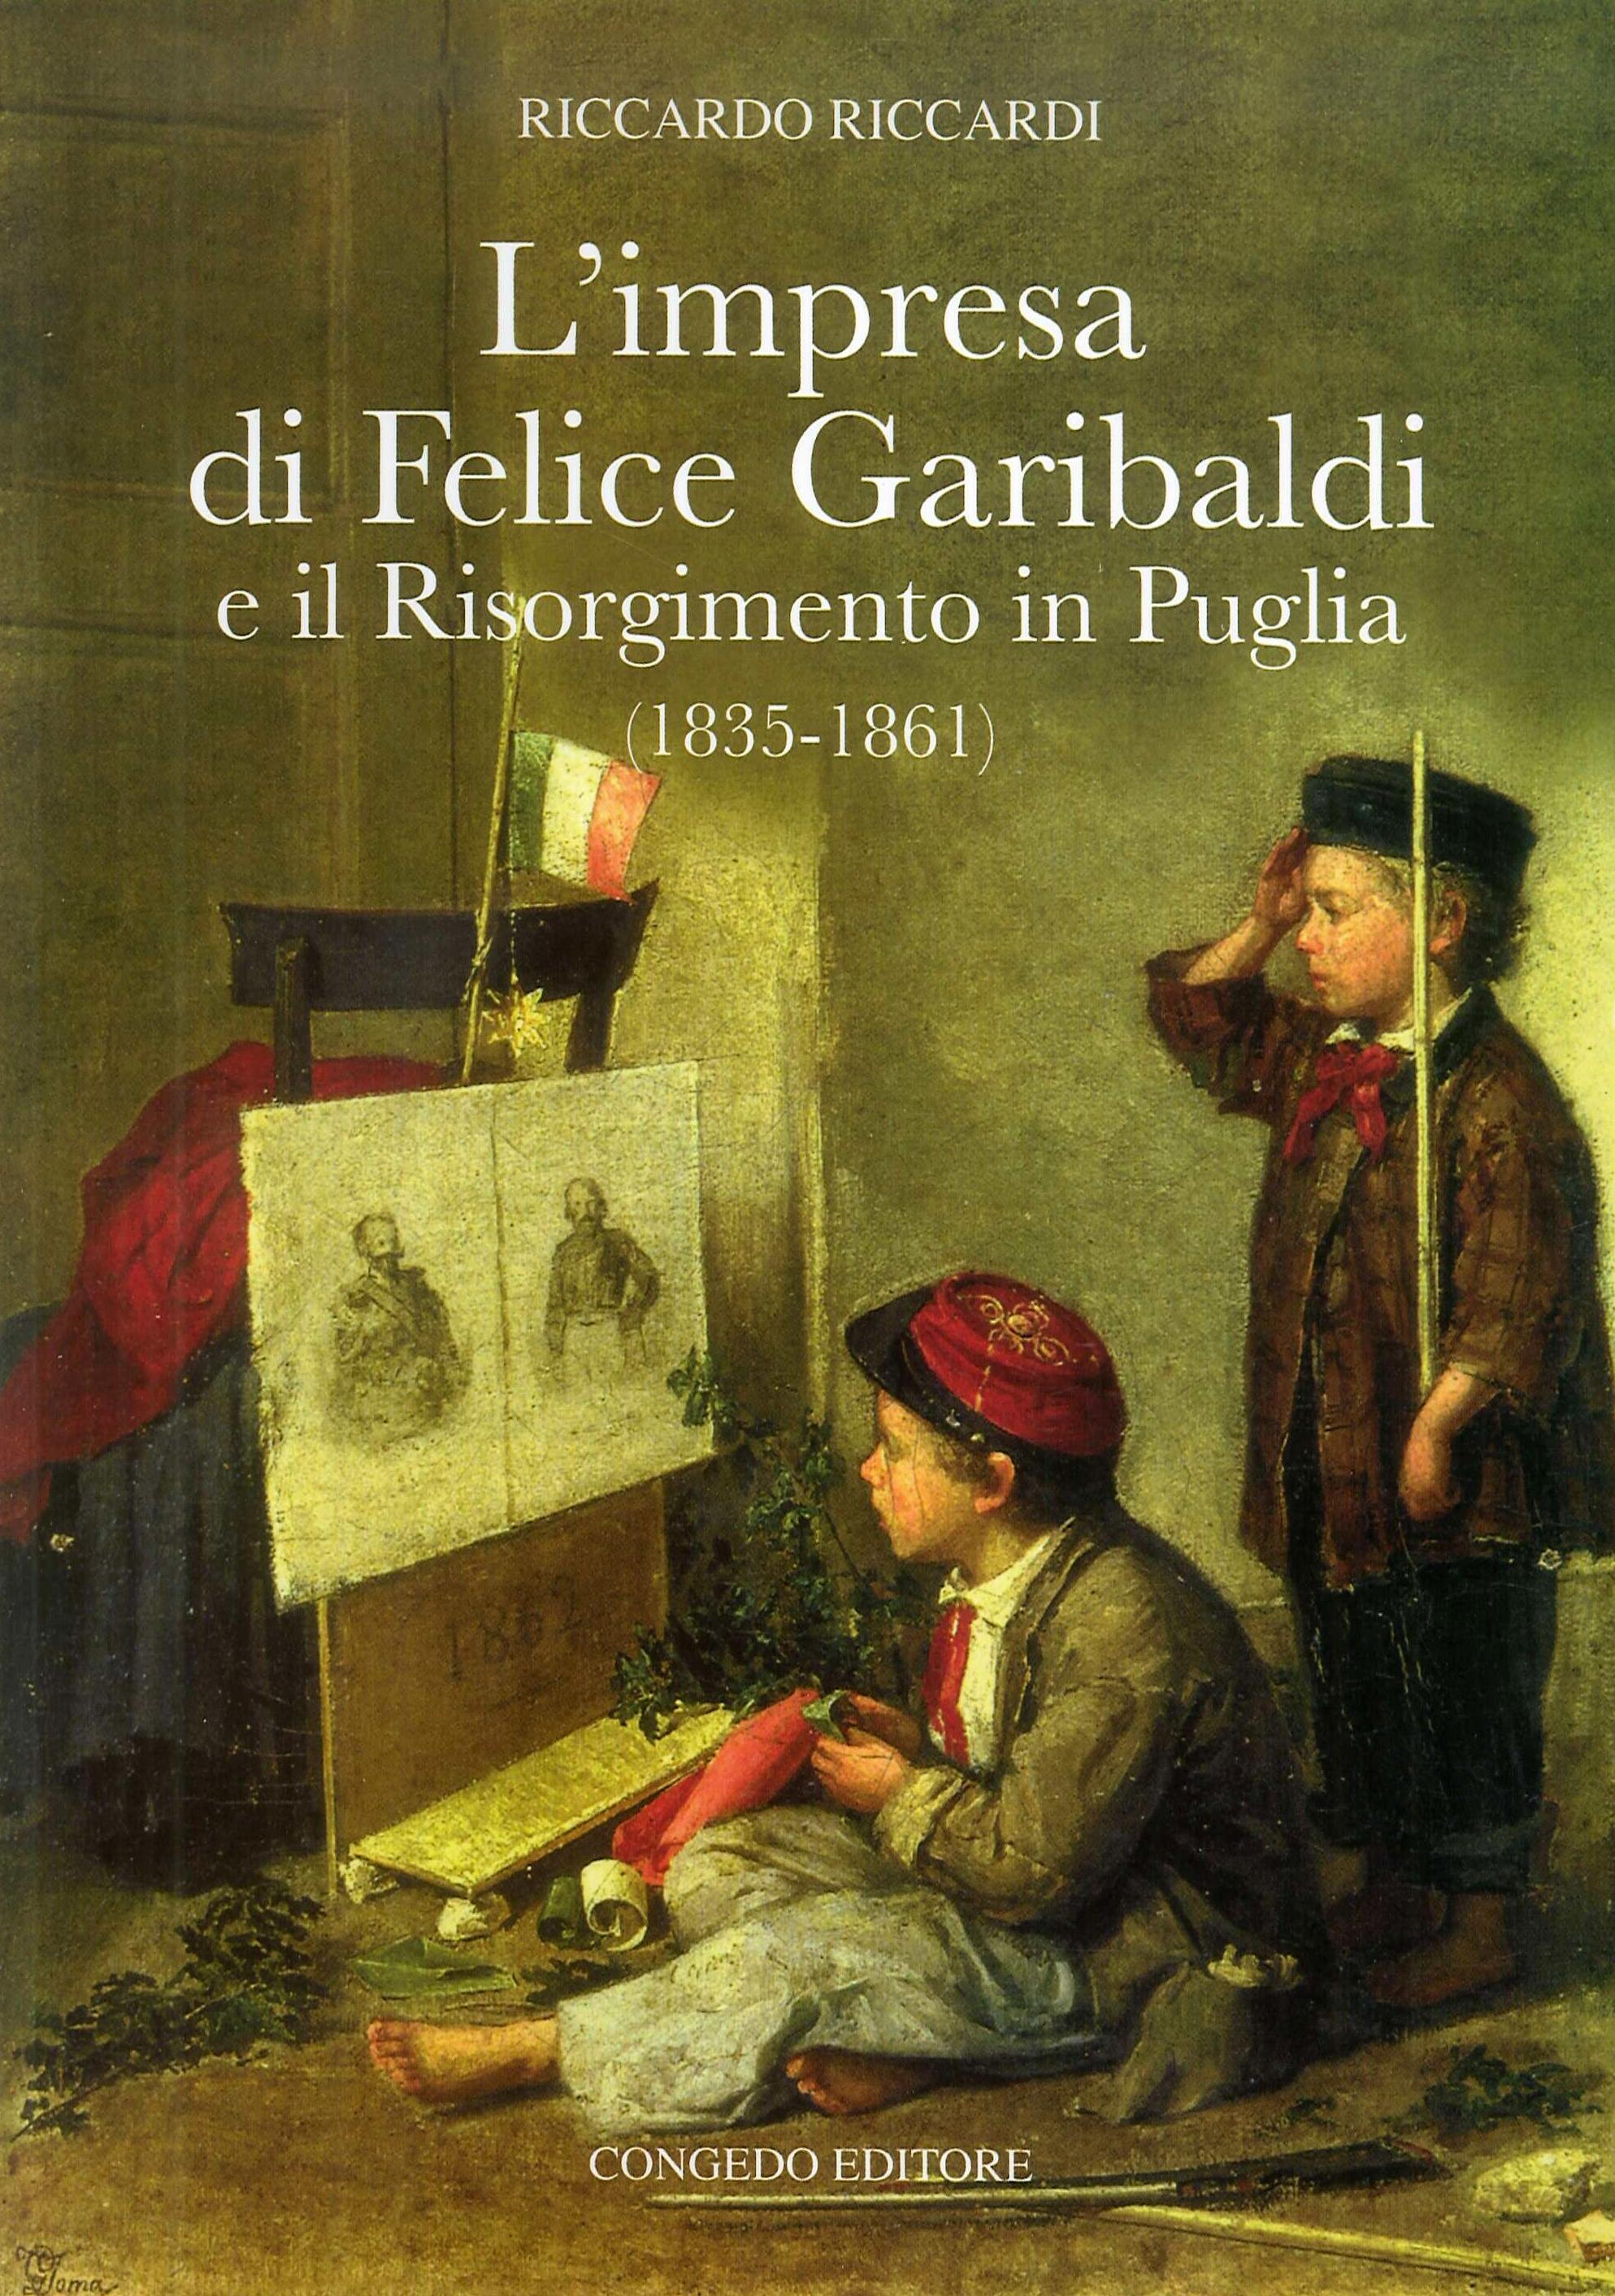 L'impresa di Felice Garibaldi e il Risorgimento in Puglia (1835-1861)